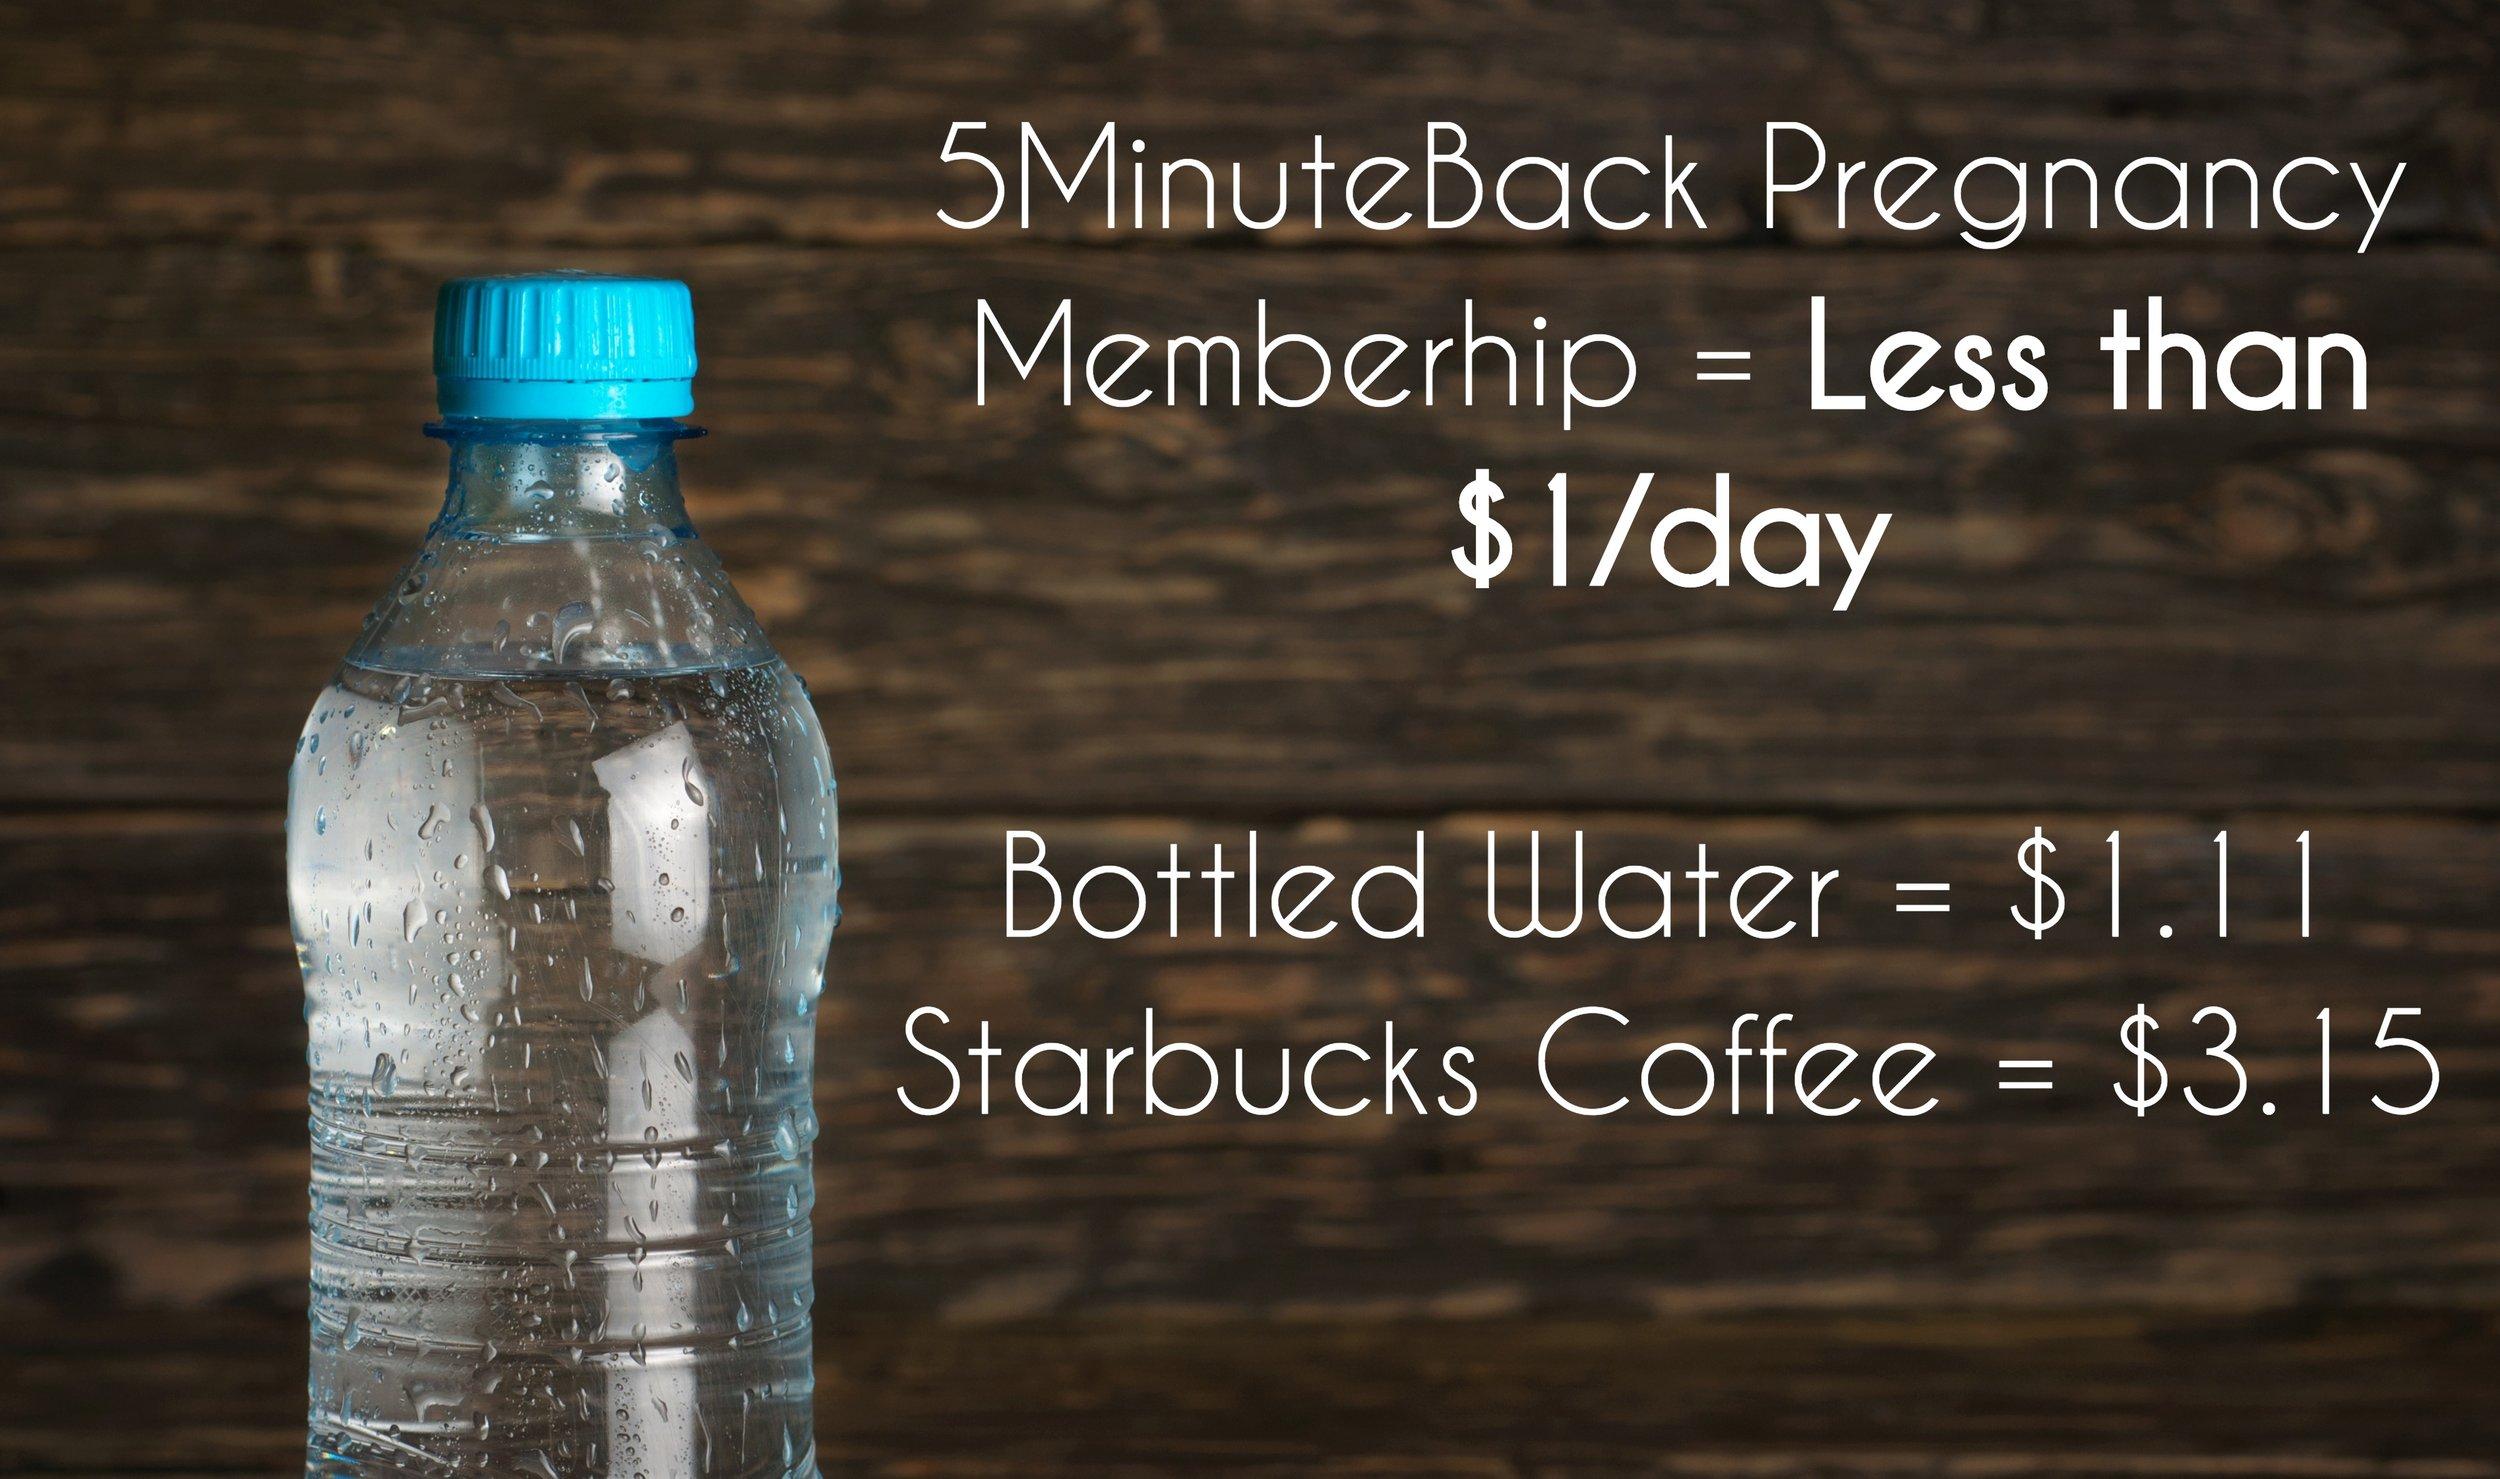 5MinuteBack Pregnancy Membership $1/day